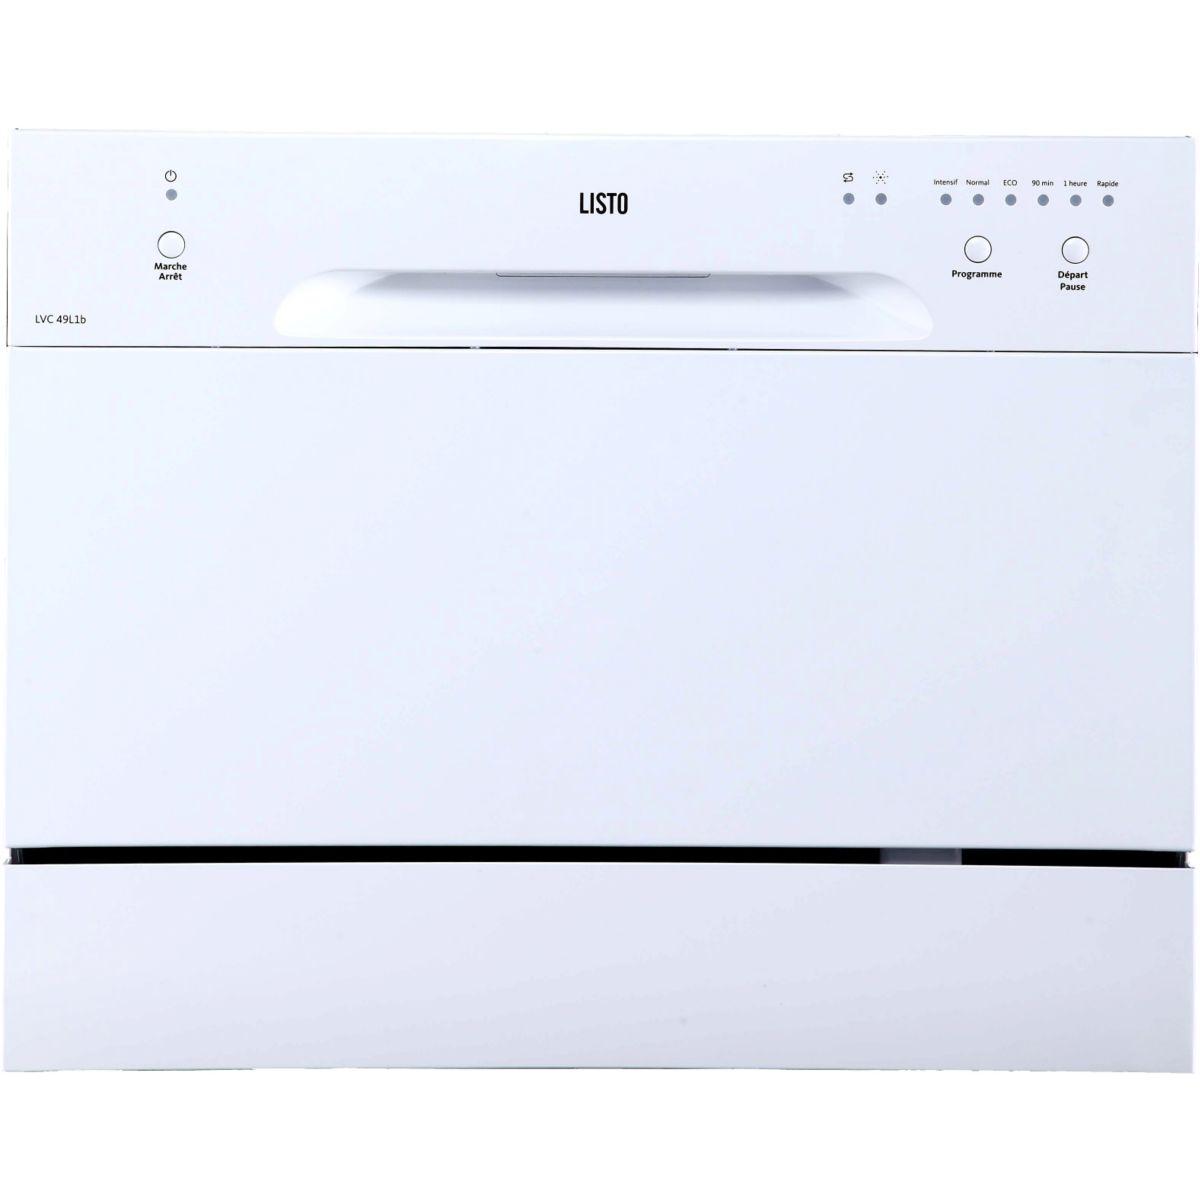 Lave Vaisselle Frontal LISTO LVC49 L1b (photo)